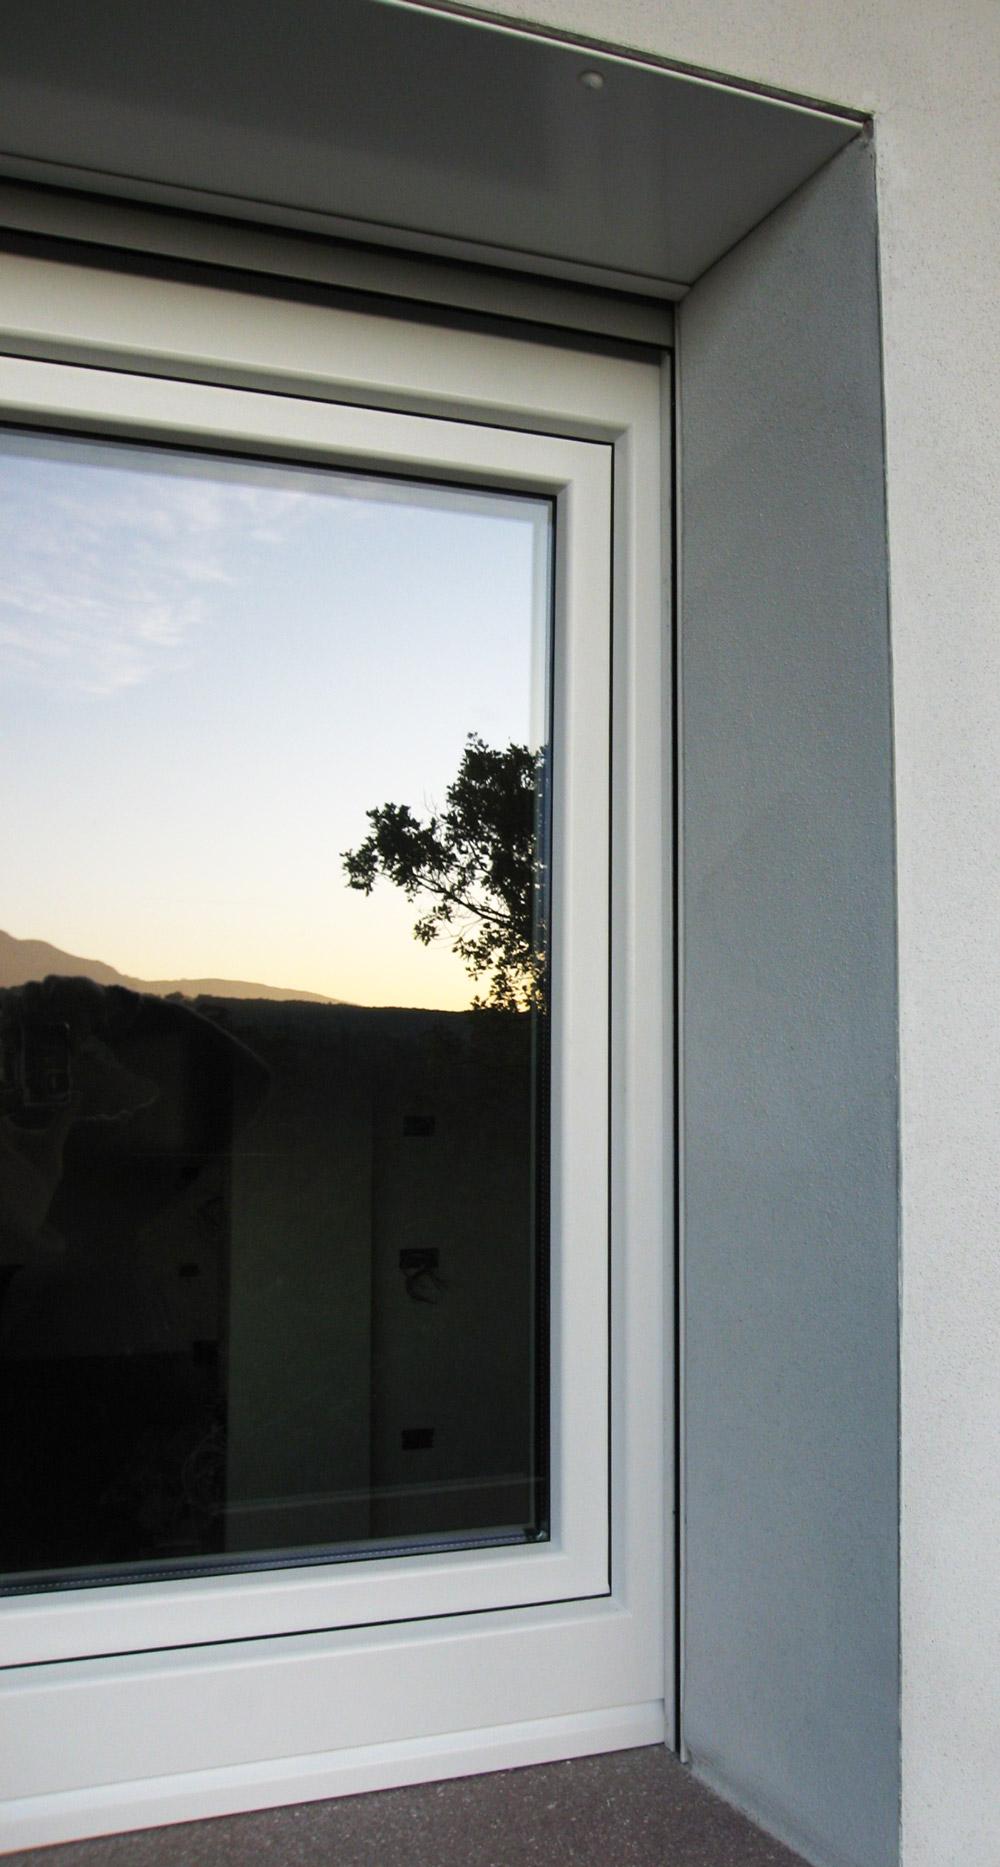 Sistemi oscuranti falegnameria murari snc - Finestre monoblocco con avvolgibile ...